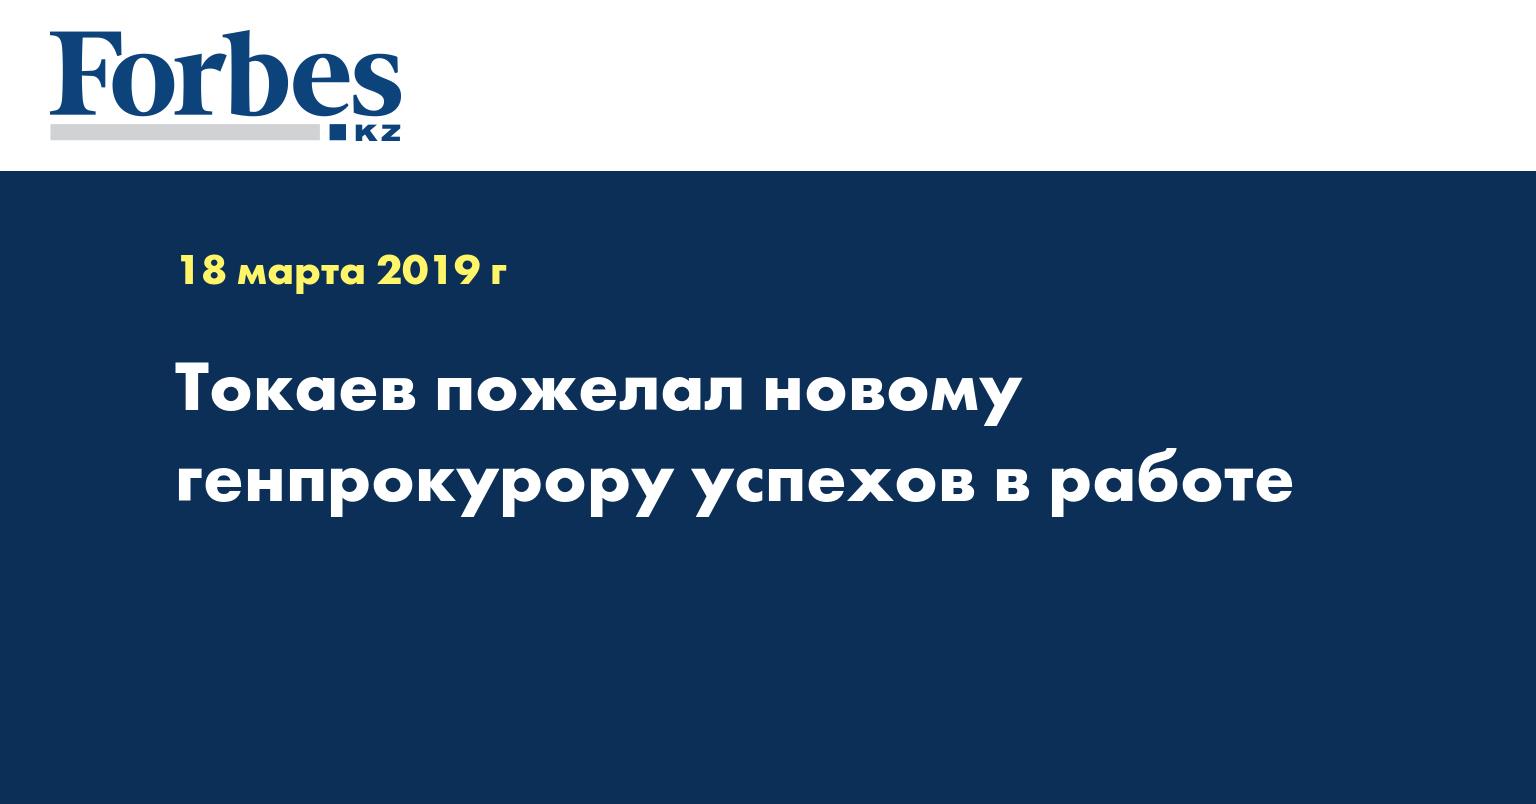 Токаев пожелал новому генпрокурору успехов в работе